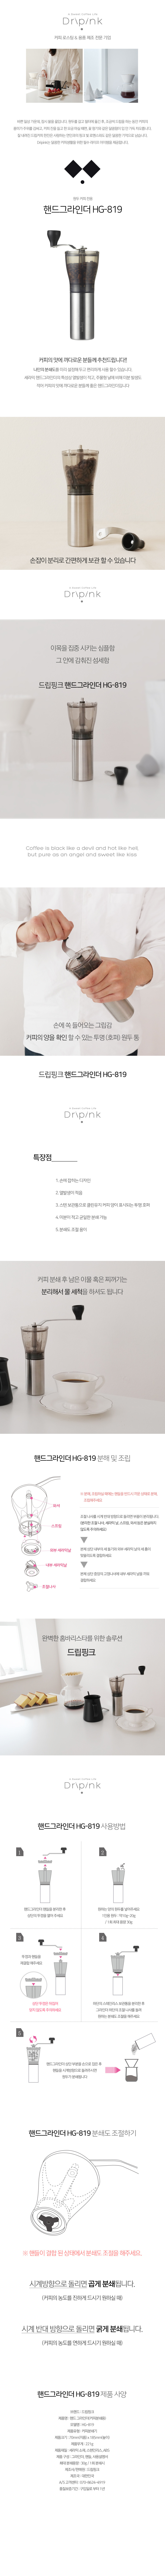 드립핑크 핸드 커피 그라인더 HG-819 - 주식회사 드립핑크 (DRIPINK), 32,000원, 주방소품, 주방 소모품